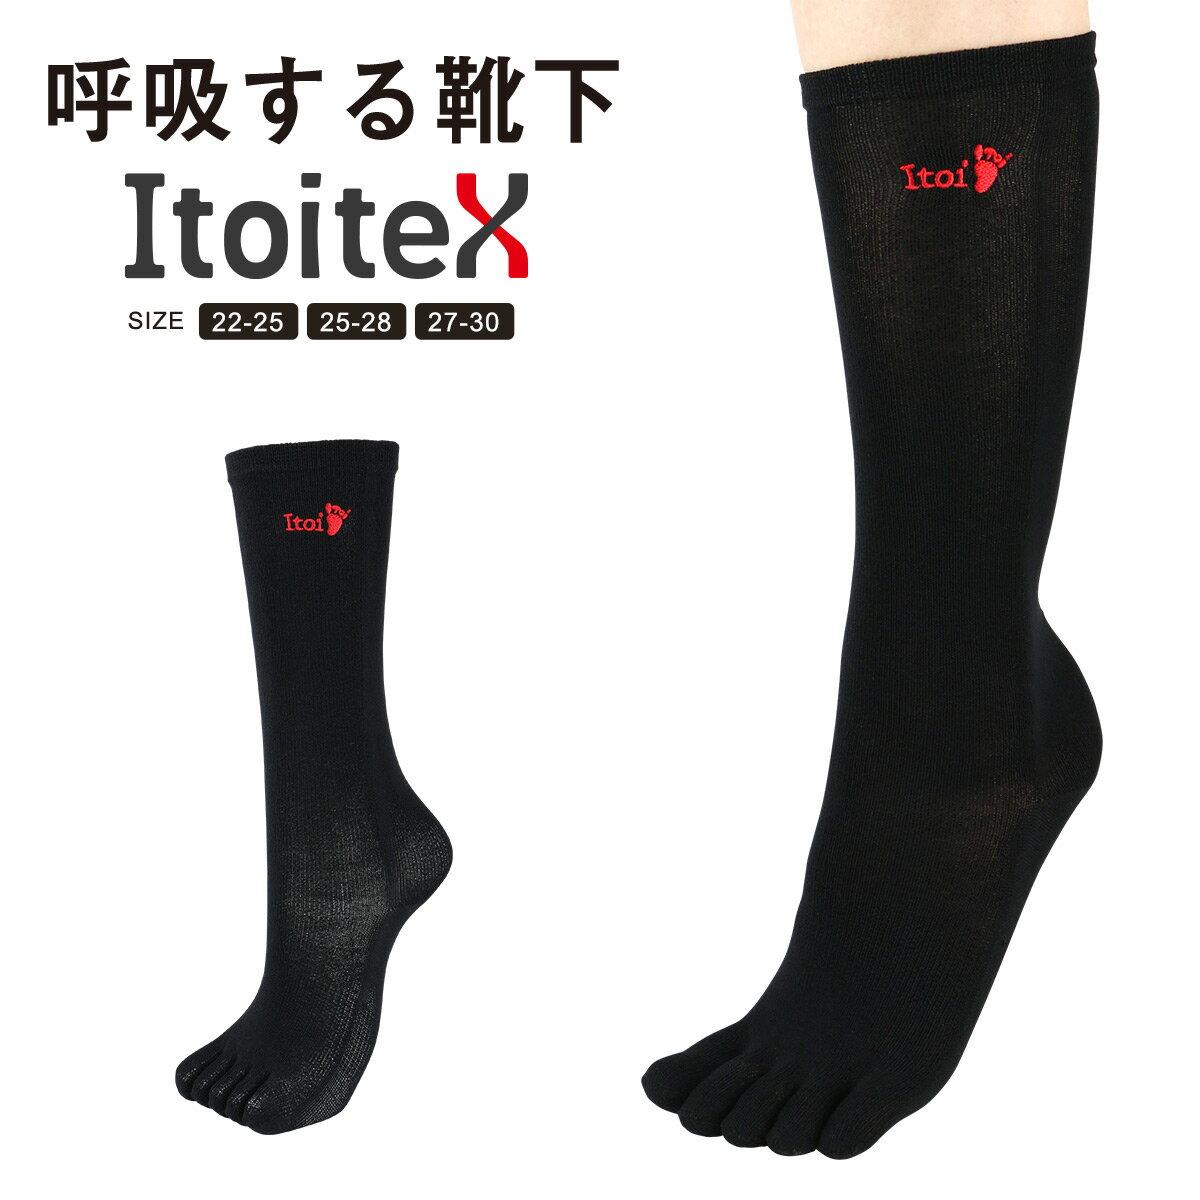 Itoitex (イトイテックス) ランニングソックス 5本指 ロング 和紙×シルク ランニングハイソックス 靴下 マラソン トレイルランニング 男性 メンズ プレゼント 贈答 ギフトカーフサポート機能付2945-503ポイント10倍